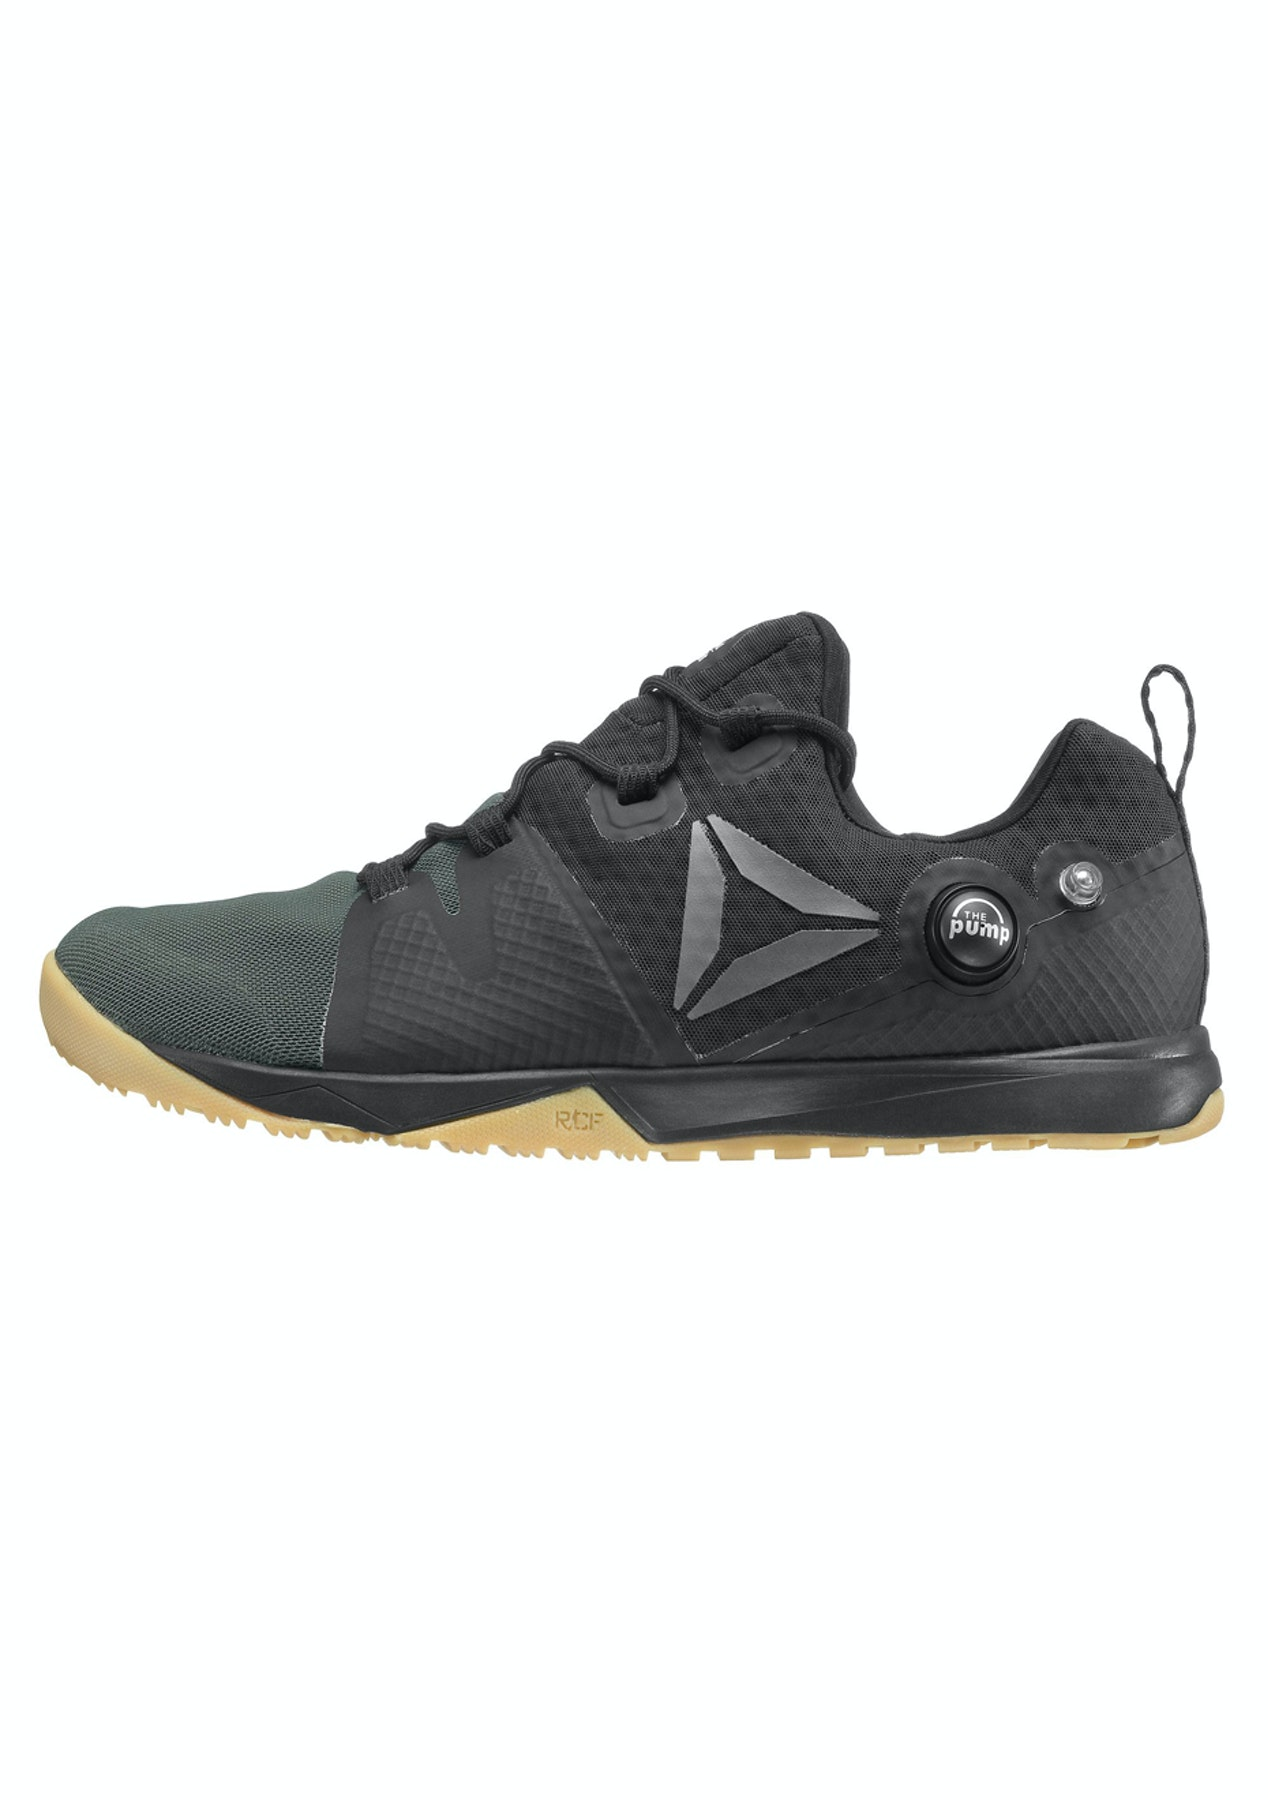 522fd37c1050 Reebok Mens - R Crossfit Nano Pump - Black Coal Classic White Gum Pewter -  Mens Shoe Sale - Onceit